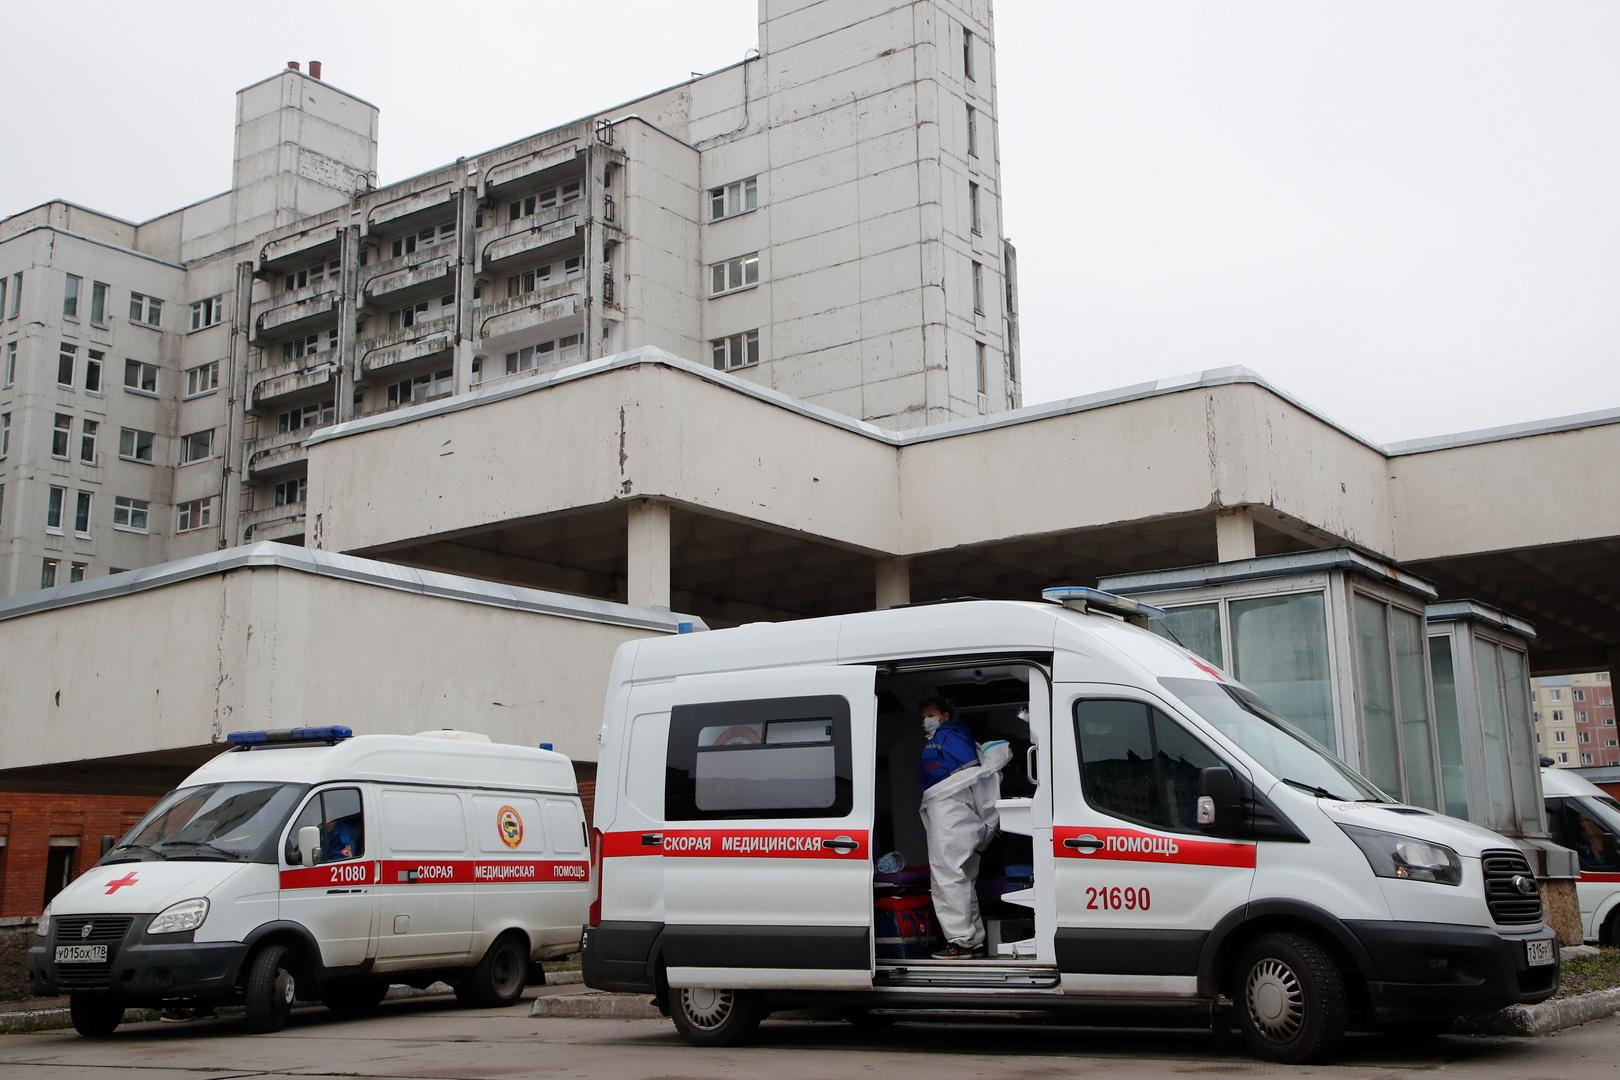 روسيا تسجل 593 وفاة وأكثر من 27.7 ألف إصابة بكورونا خلال 24 ساعة